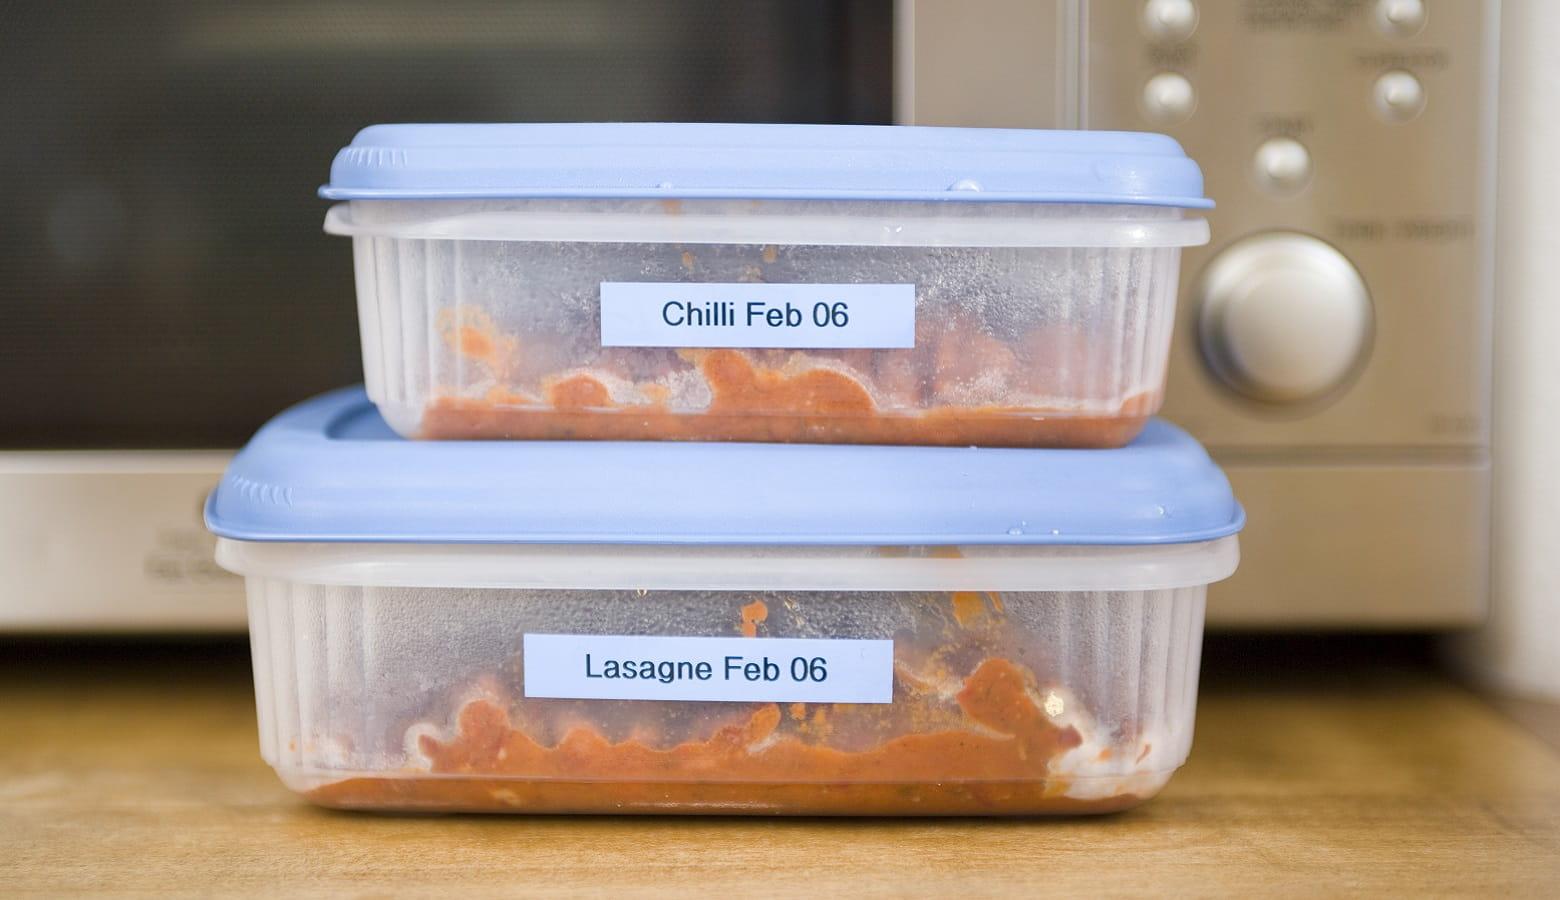 Cibi conservati in contenitore con etichetta con data di scadenza create con etichettatrice Brother